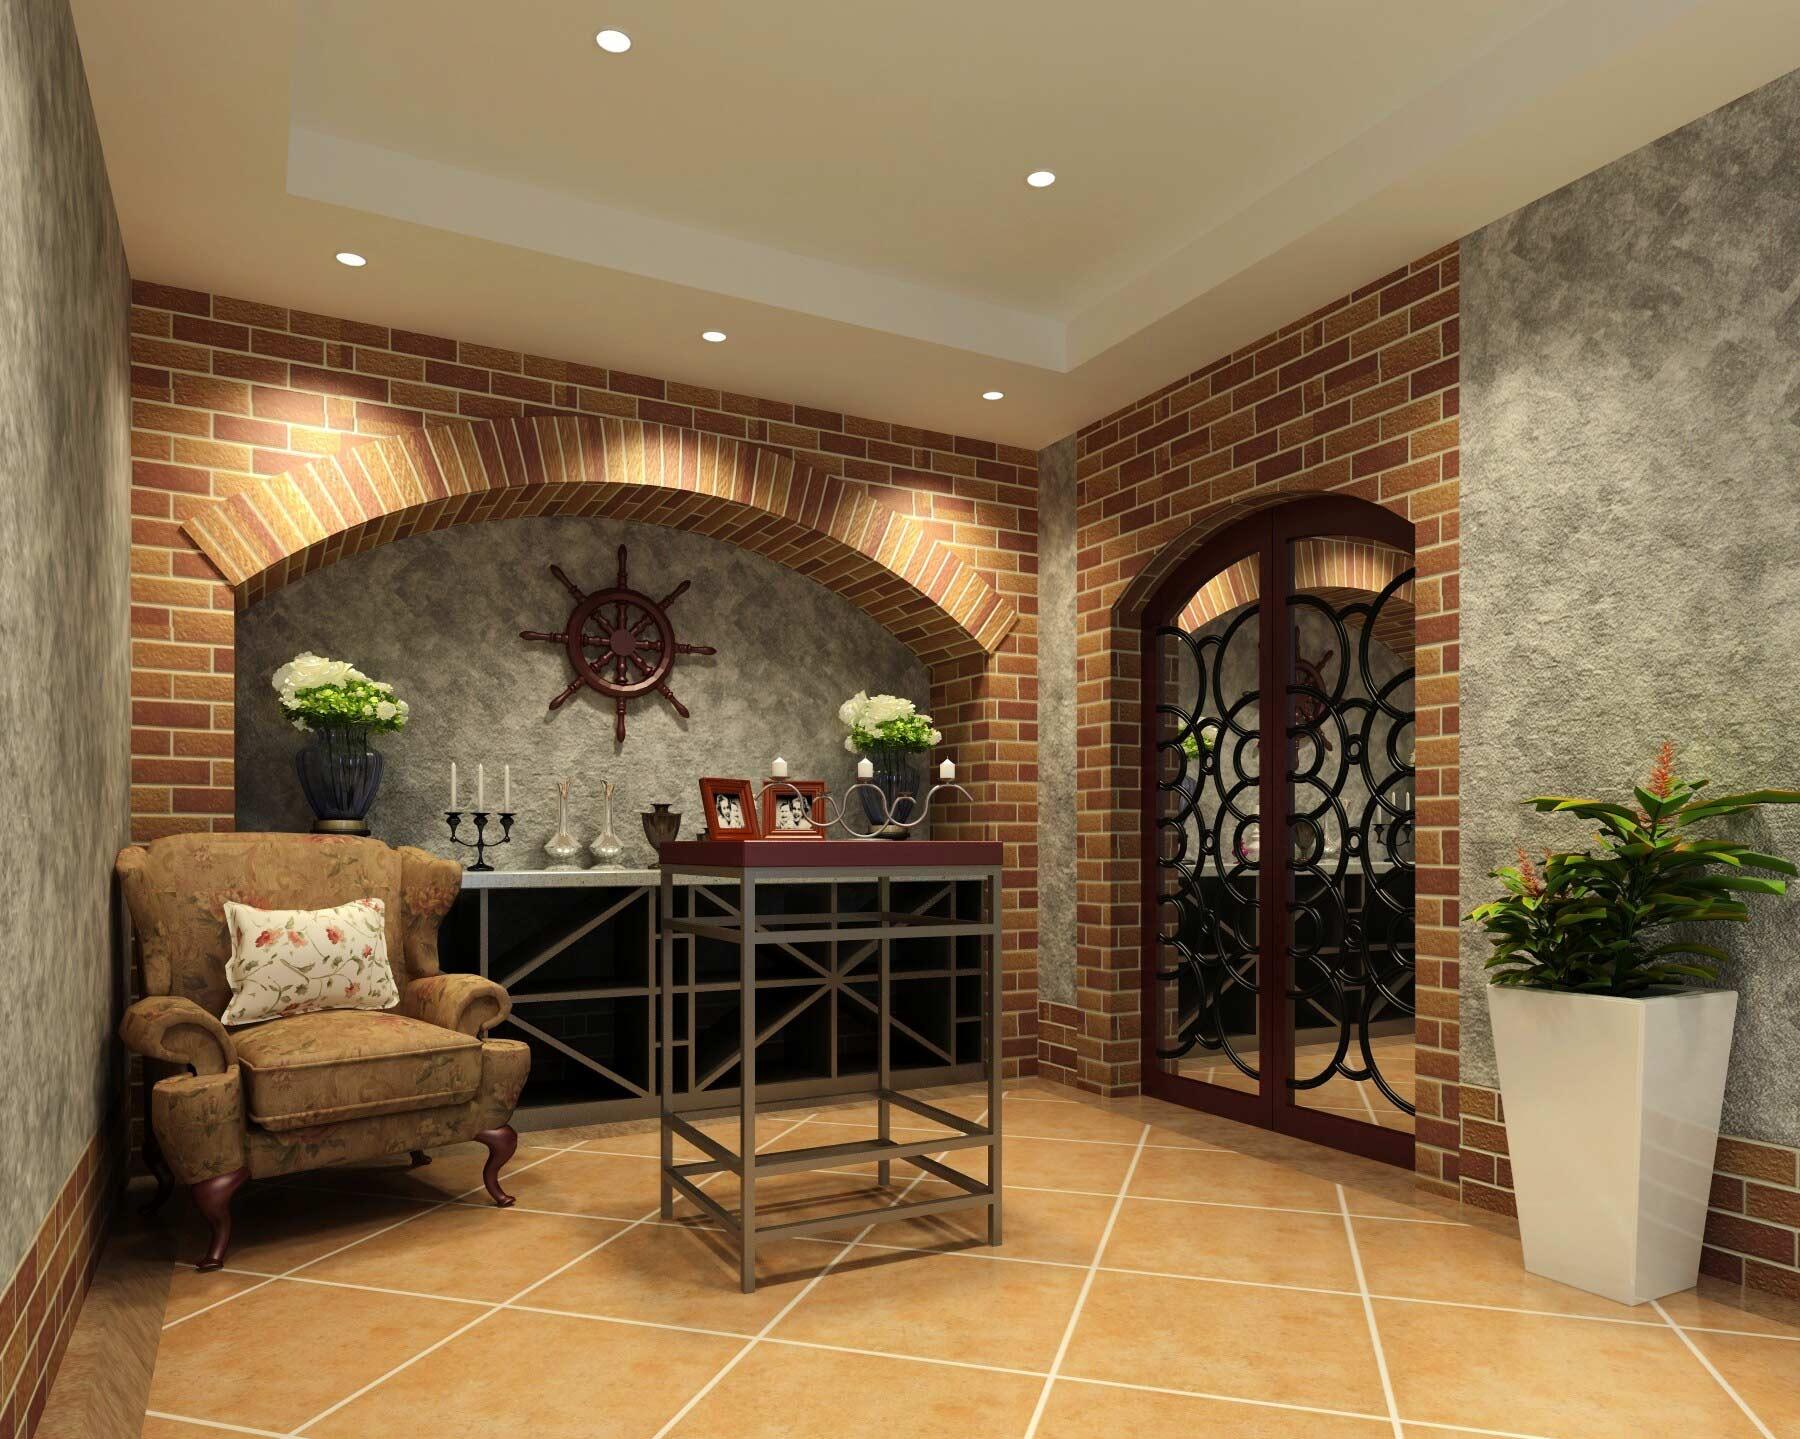 设计风格 欧式 户型案例 别墅 案例面积 350 楼盘名称 固安孔雀城